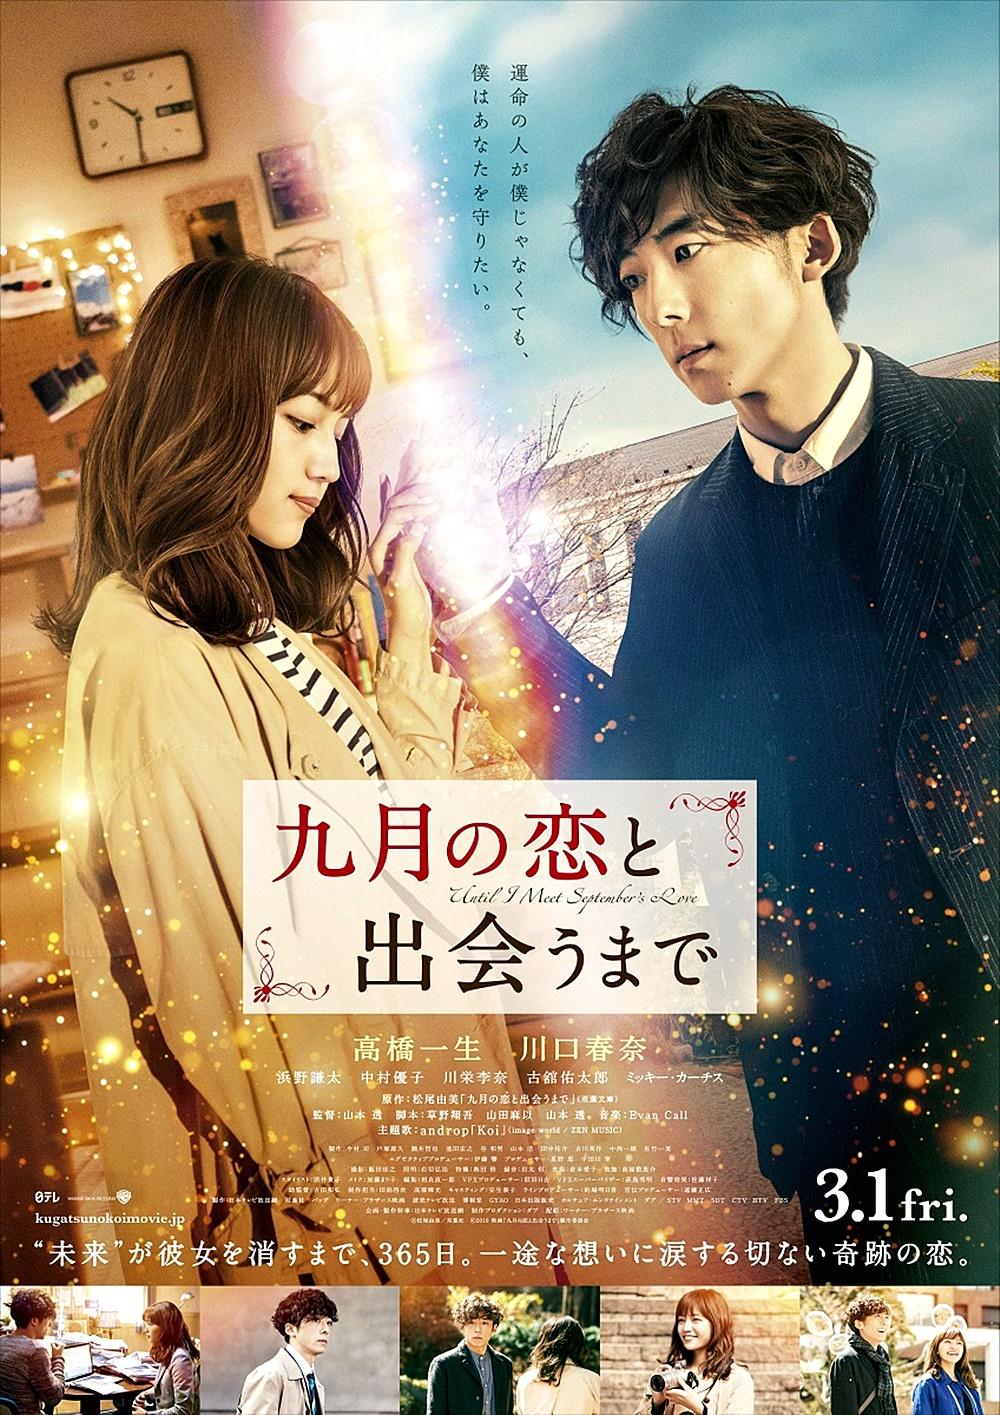 【画像】映画『九月の恋と出会うまで』ポスタービジュアル